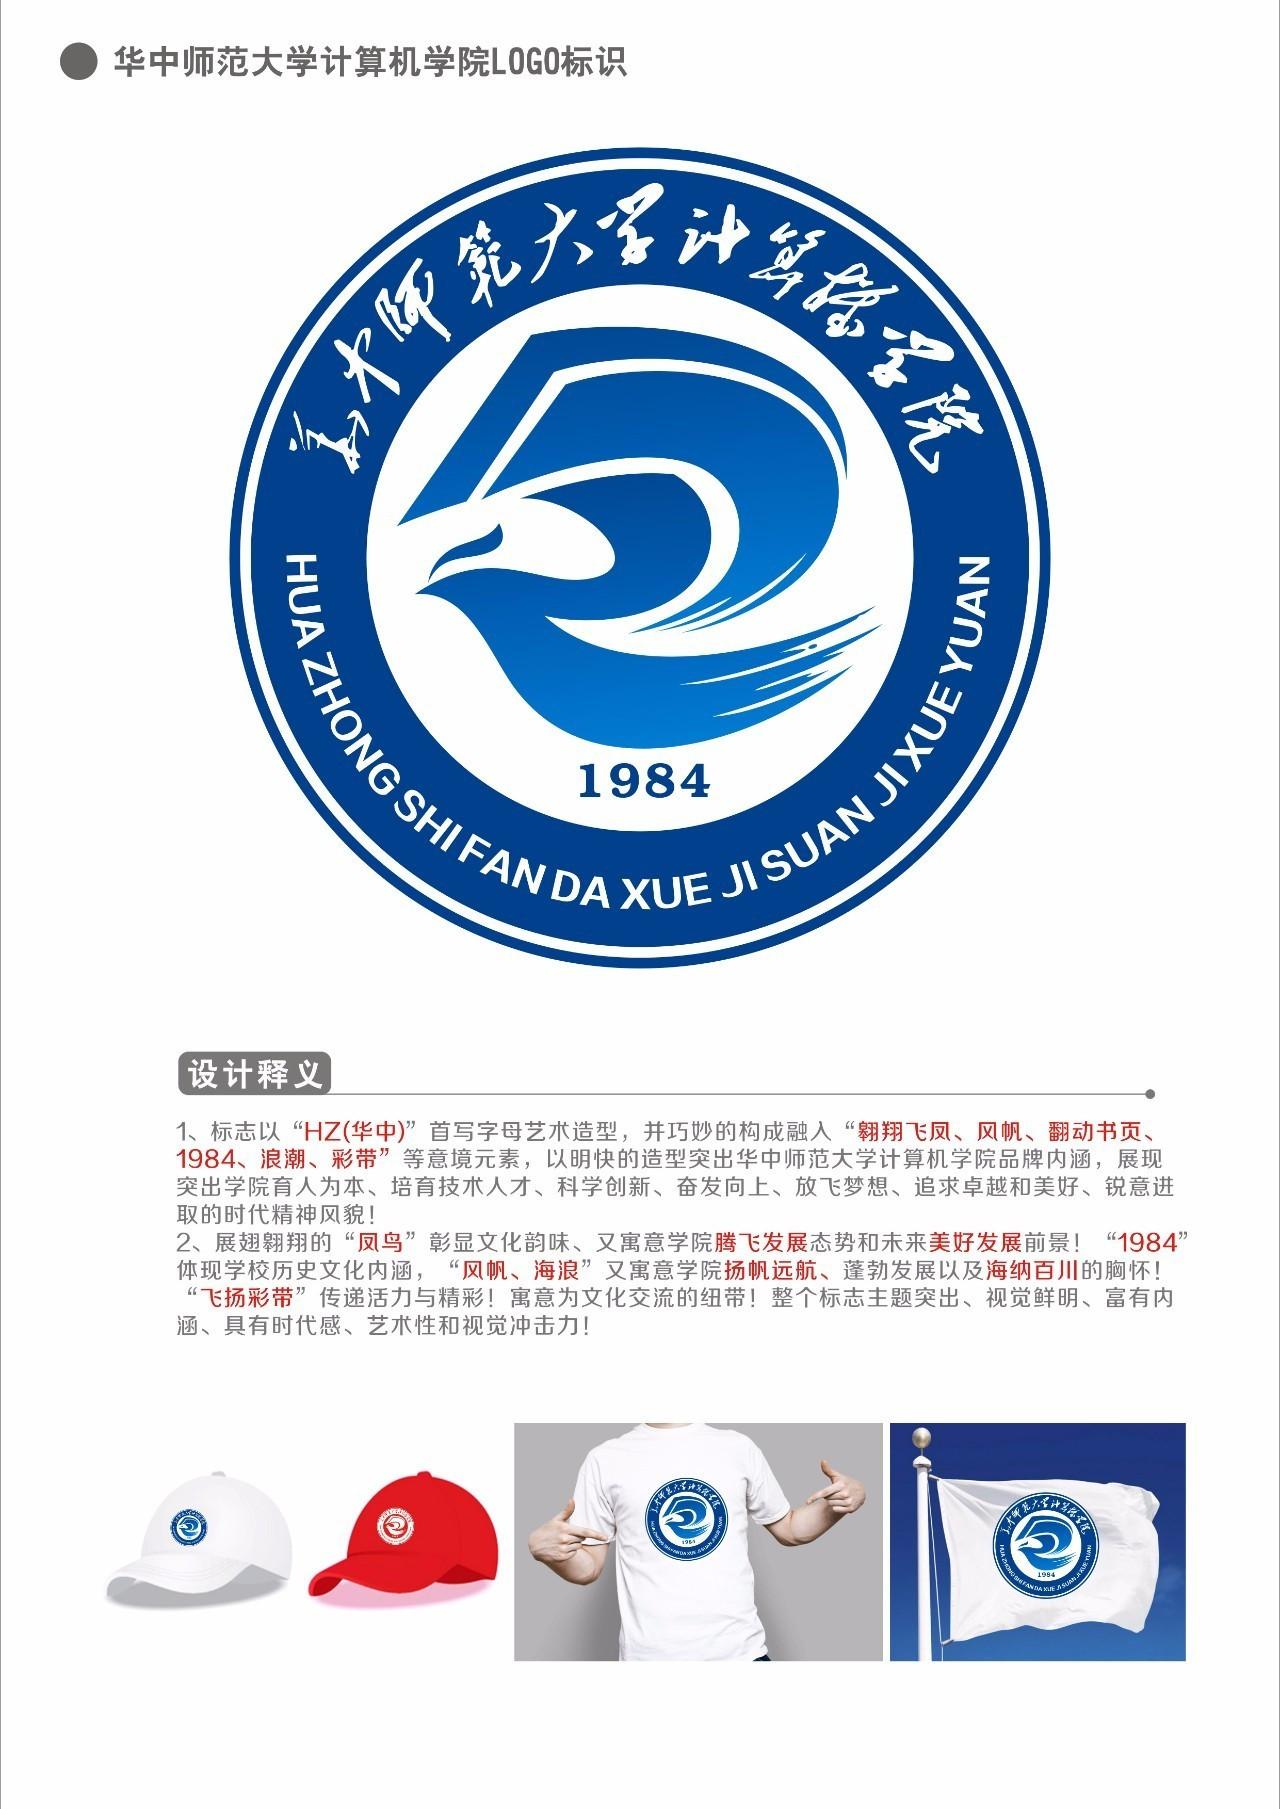 关注| 华中师范大学计算机学院logo标识作品投票图片